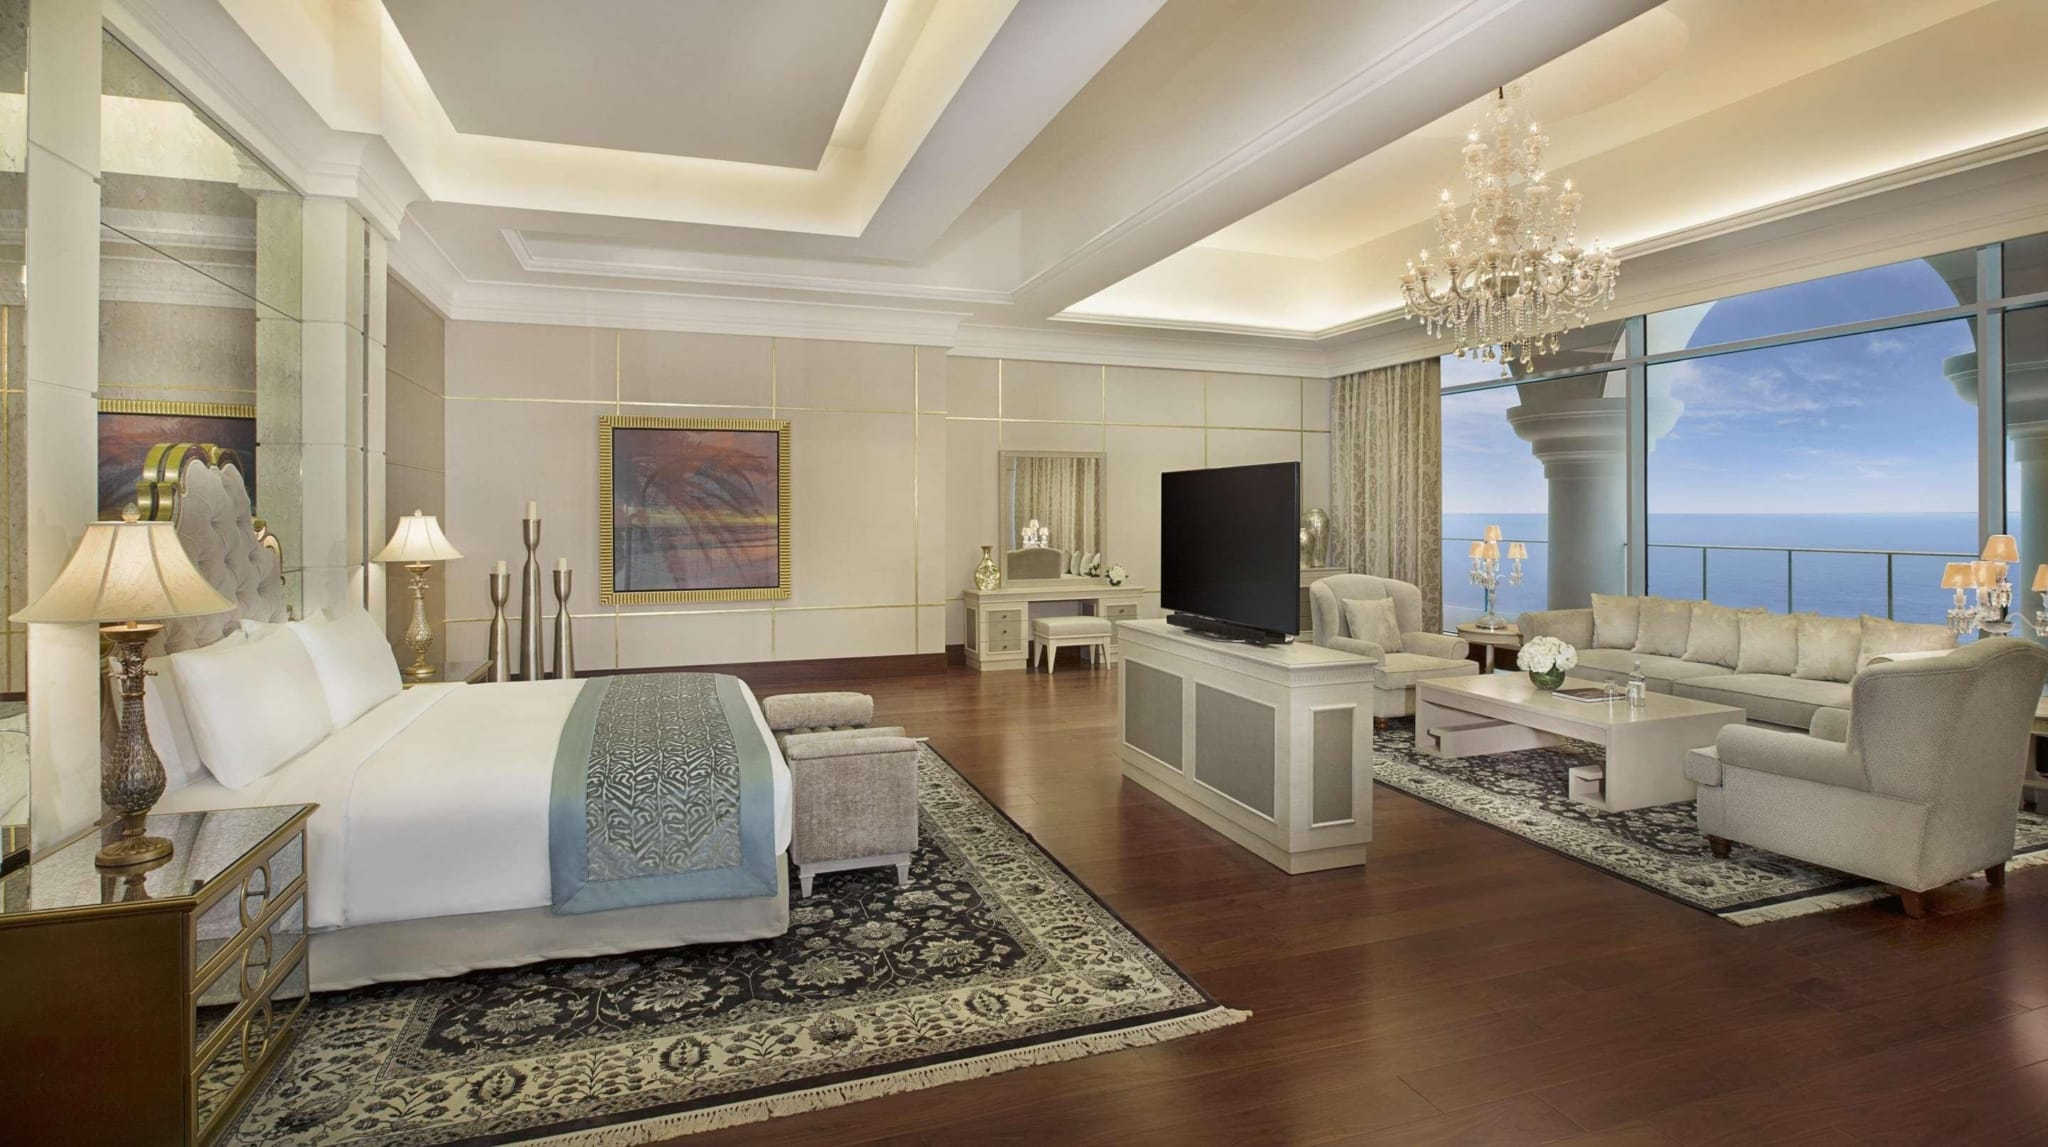 Waldorf Astoria Spa був нагороджений званням «Кращий розкішний пляжний курорт» в Об'єднаних Арабських Еміратах на World Luxury Spa Awards 2018.